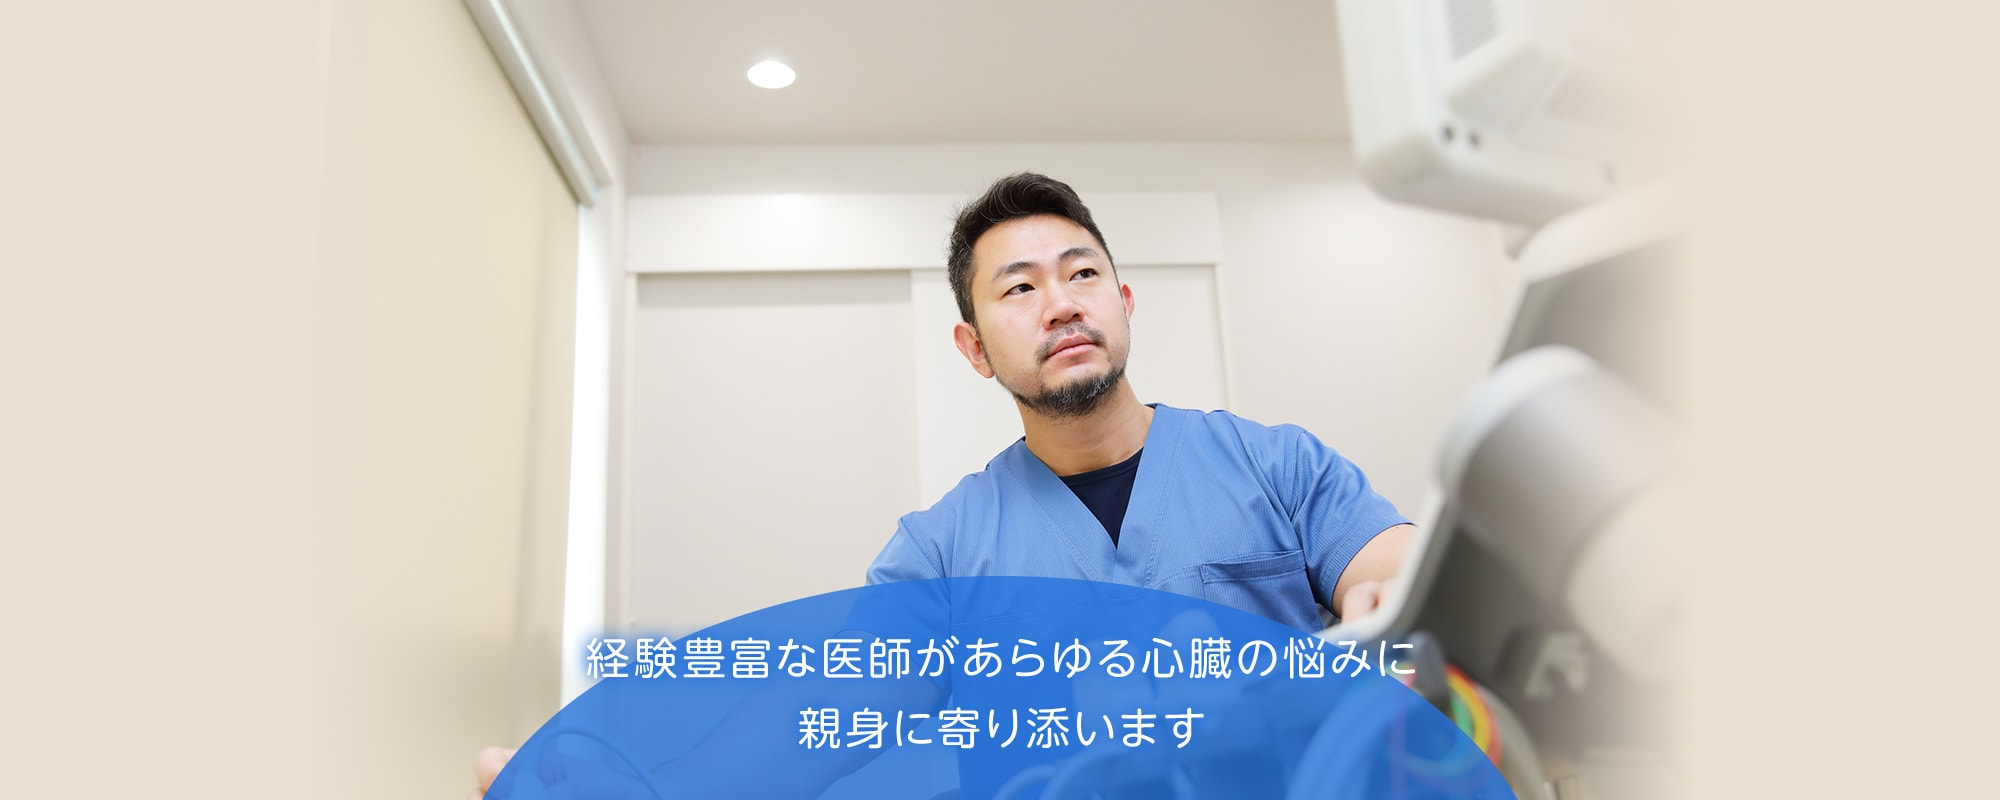 経験豊富な医師があらゆる心臓の悩みに親身に寄り添います